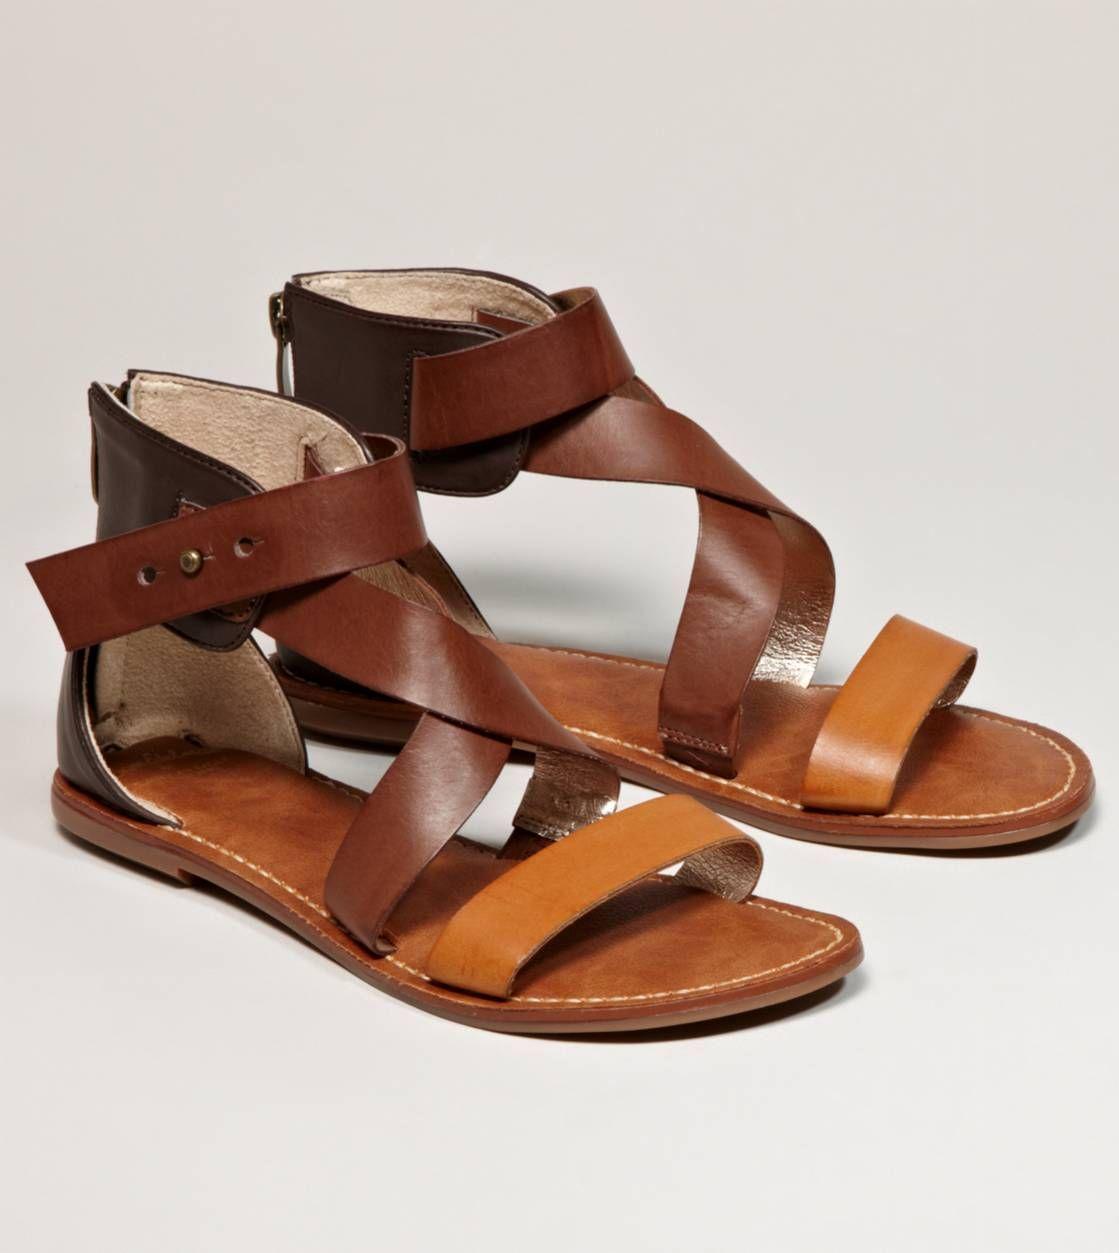 Chaussures - Sandales À La Mode Trop bmMU8zHkfI